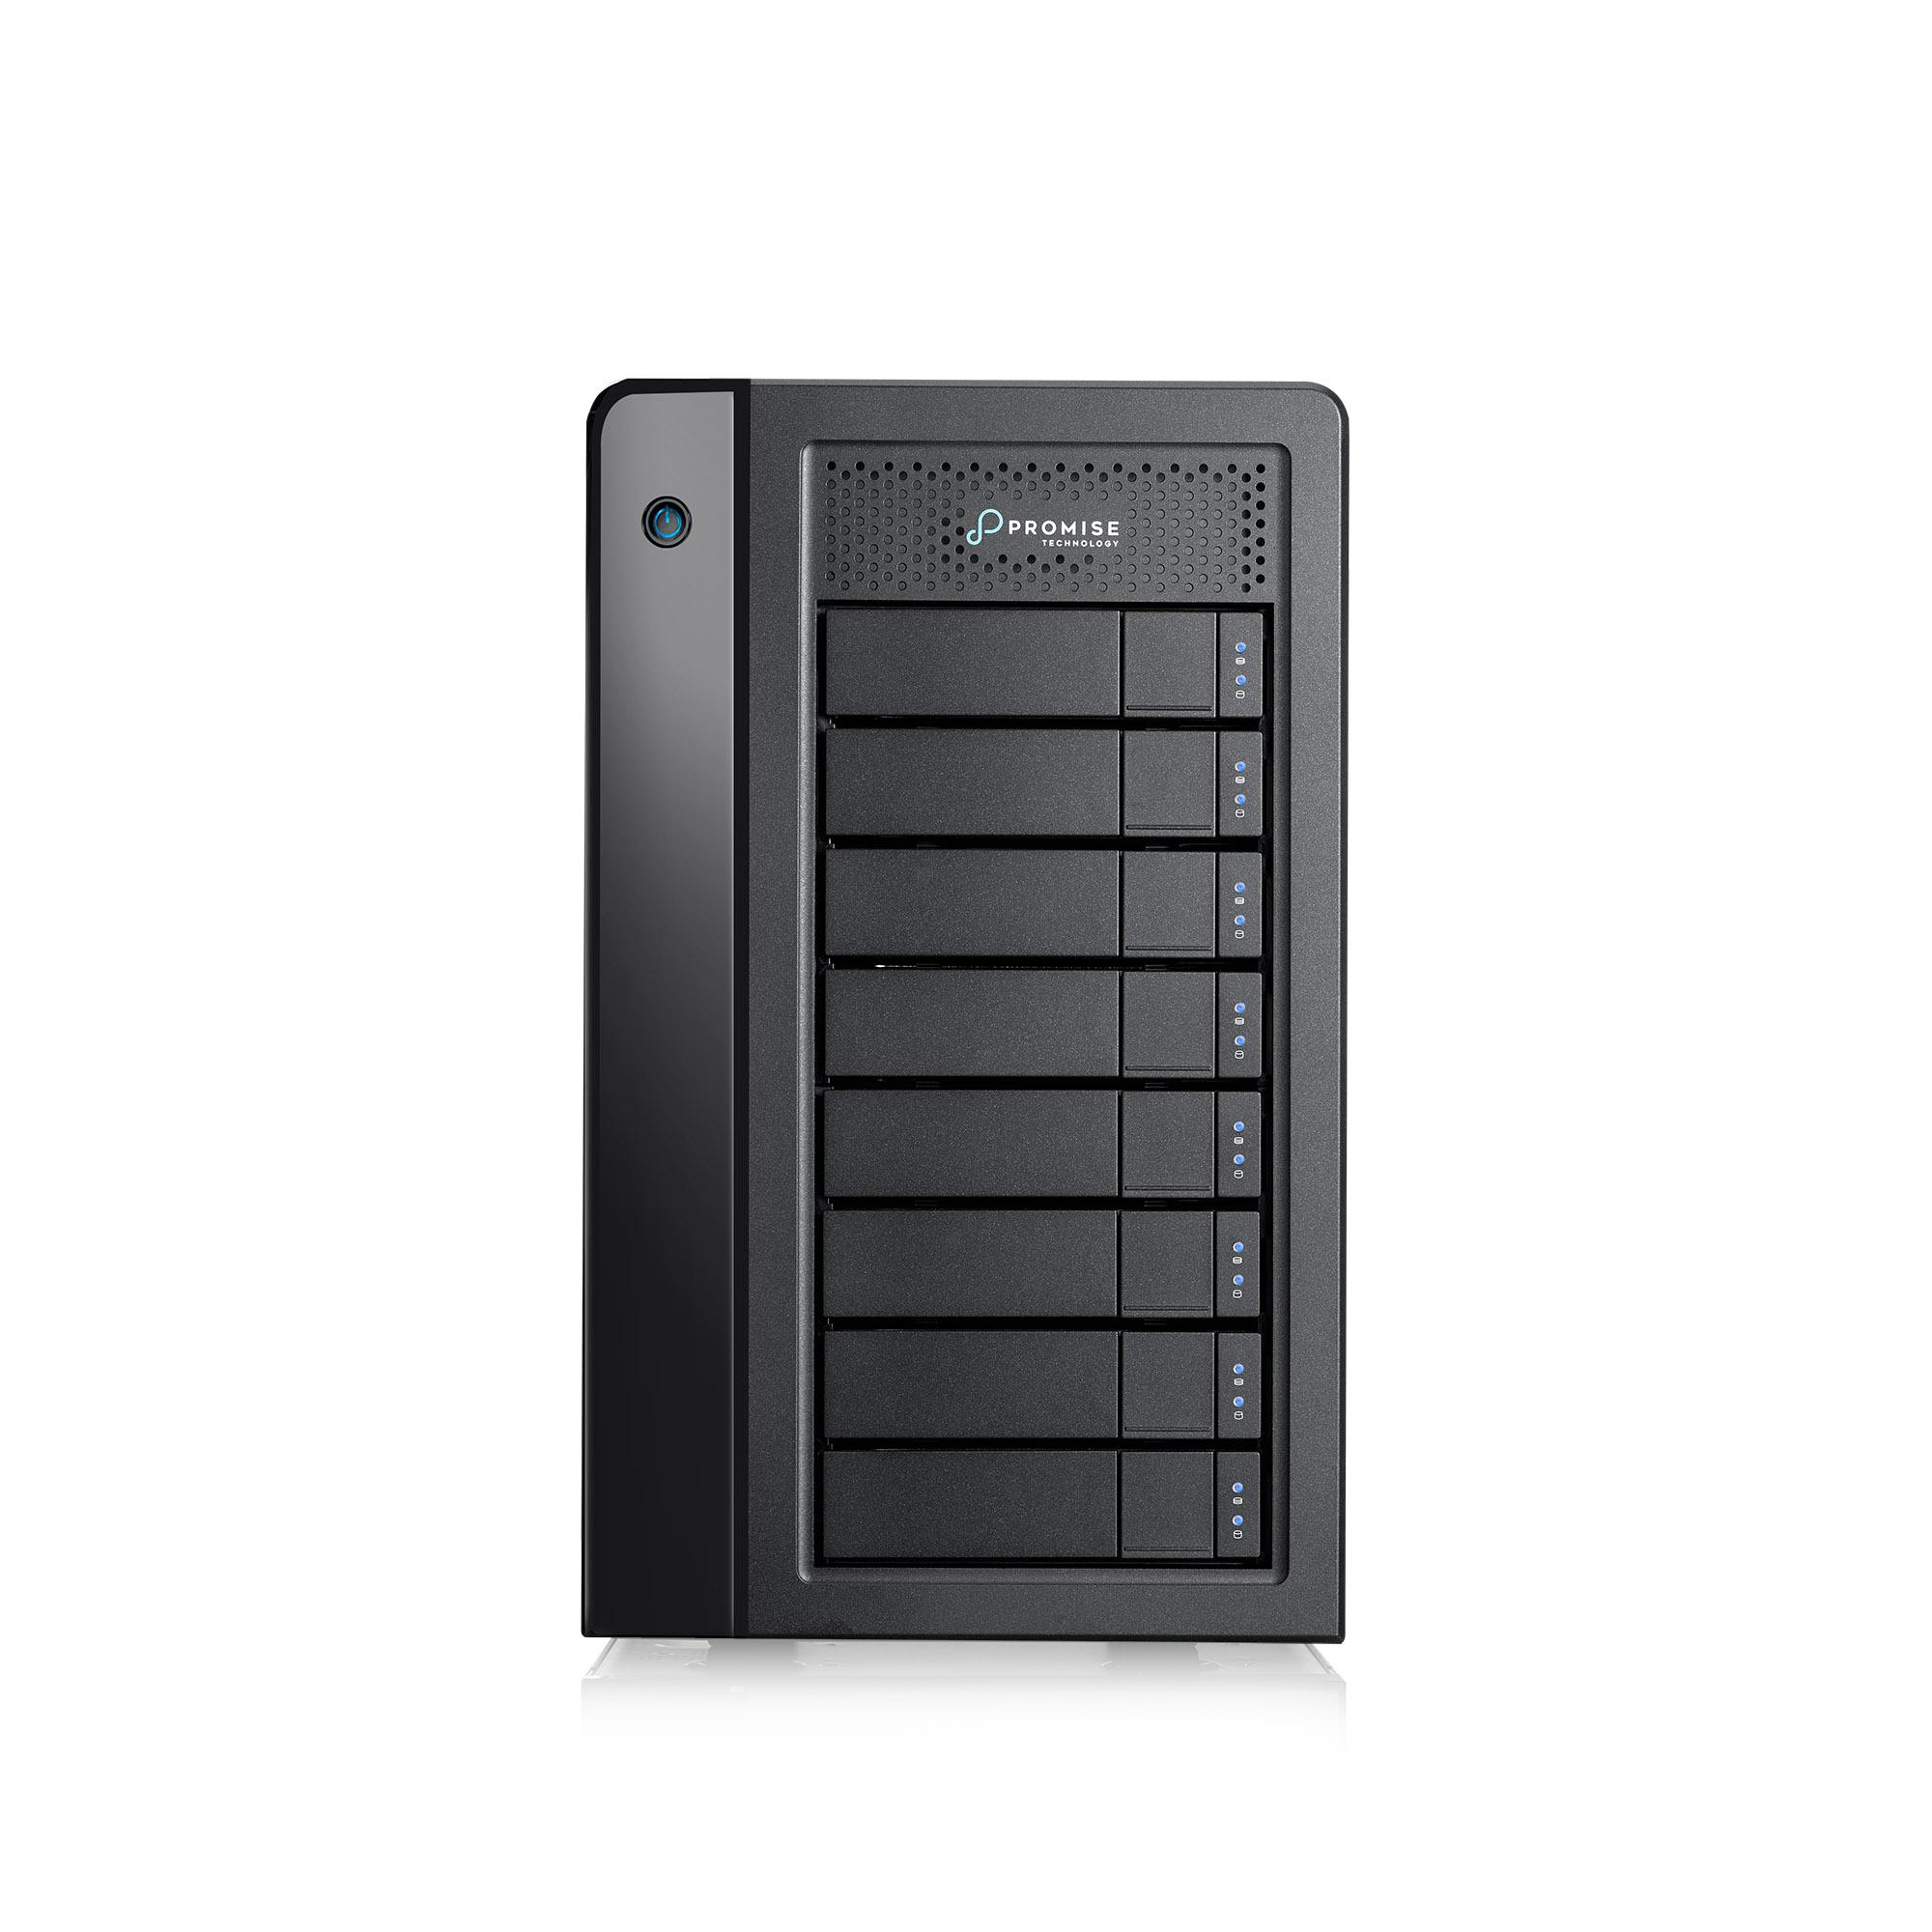 Pegasus 3 R8 48TB (8 x 6TB) Thunderbolt 3 RAID